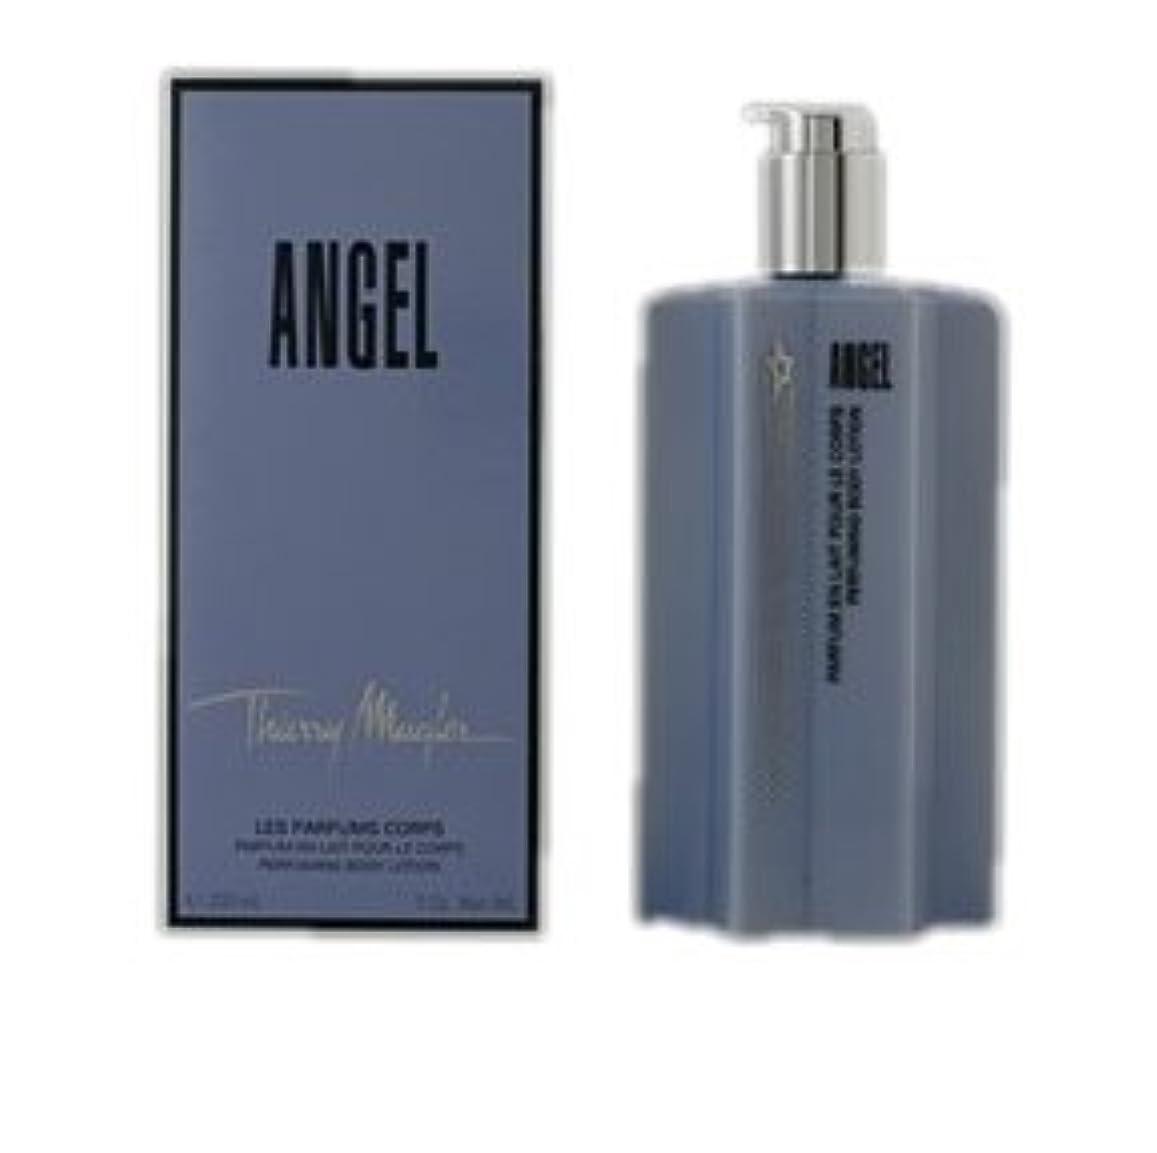 私受け入れたボリュームThierry Mugler Angel Perfuming Body Lotion 200ml [並行輸入品]